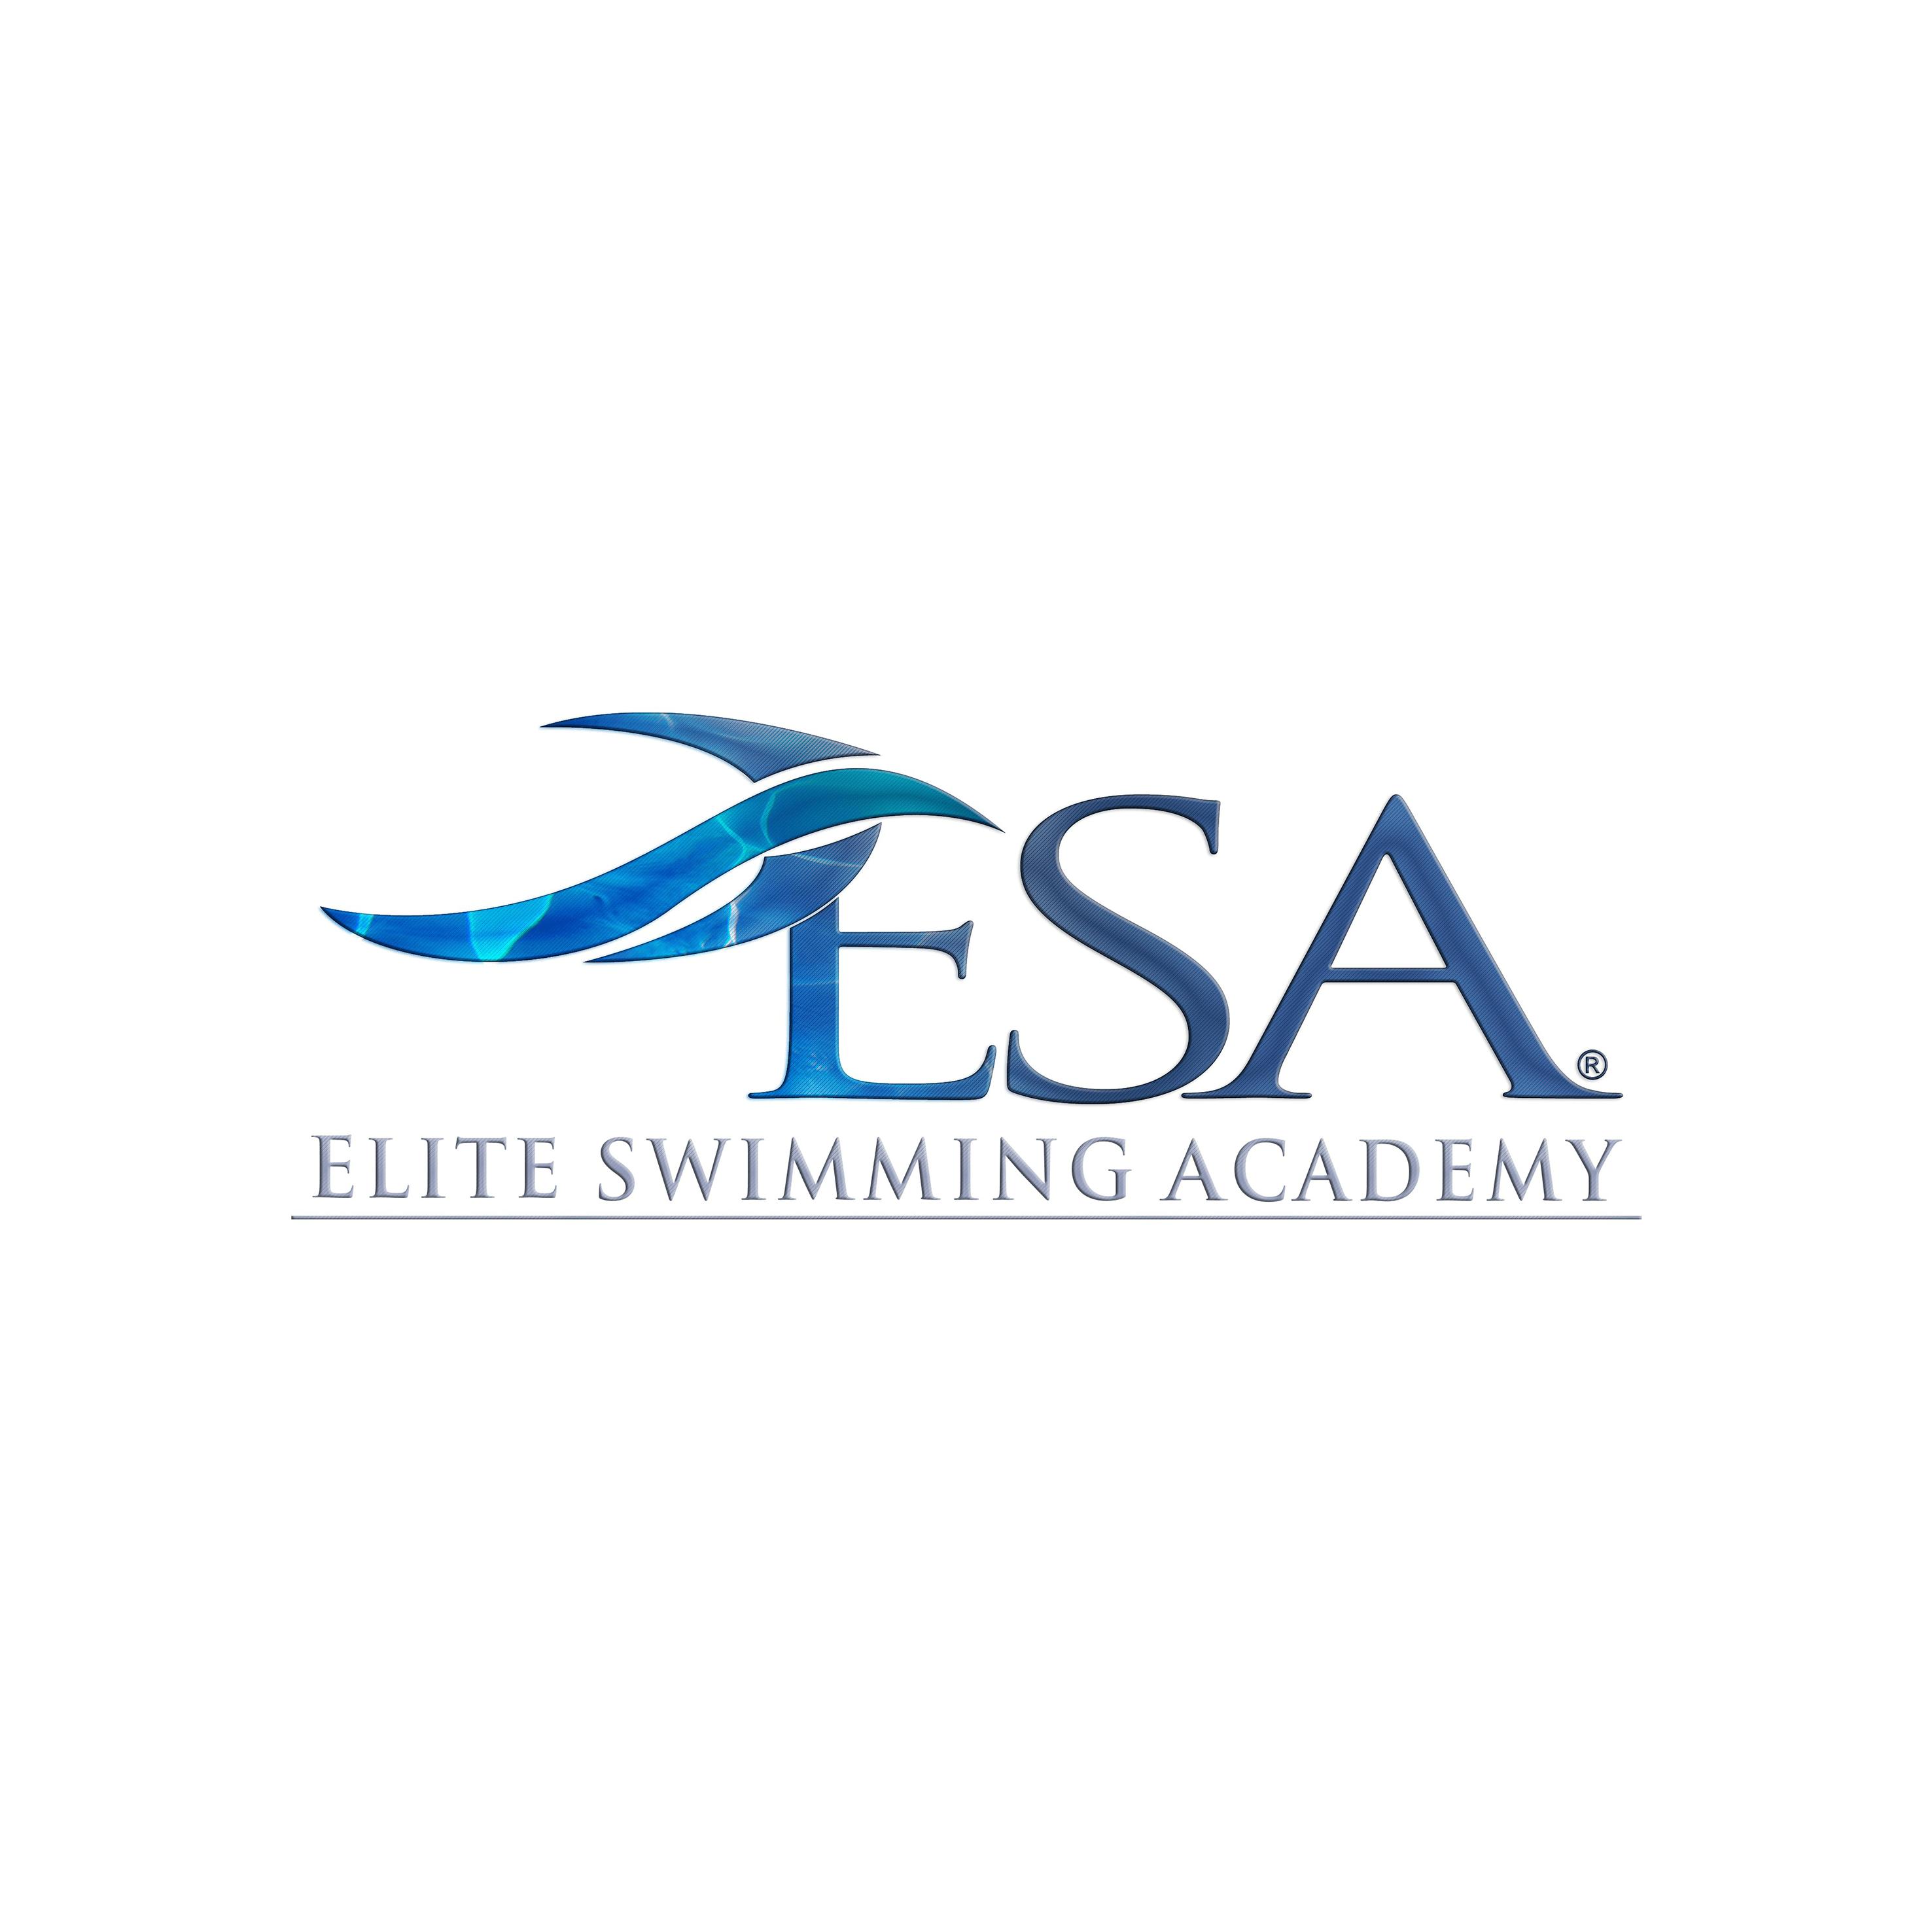 Elite Swimming Academy